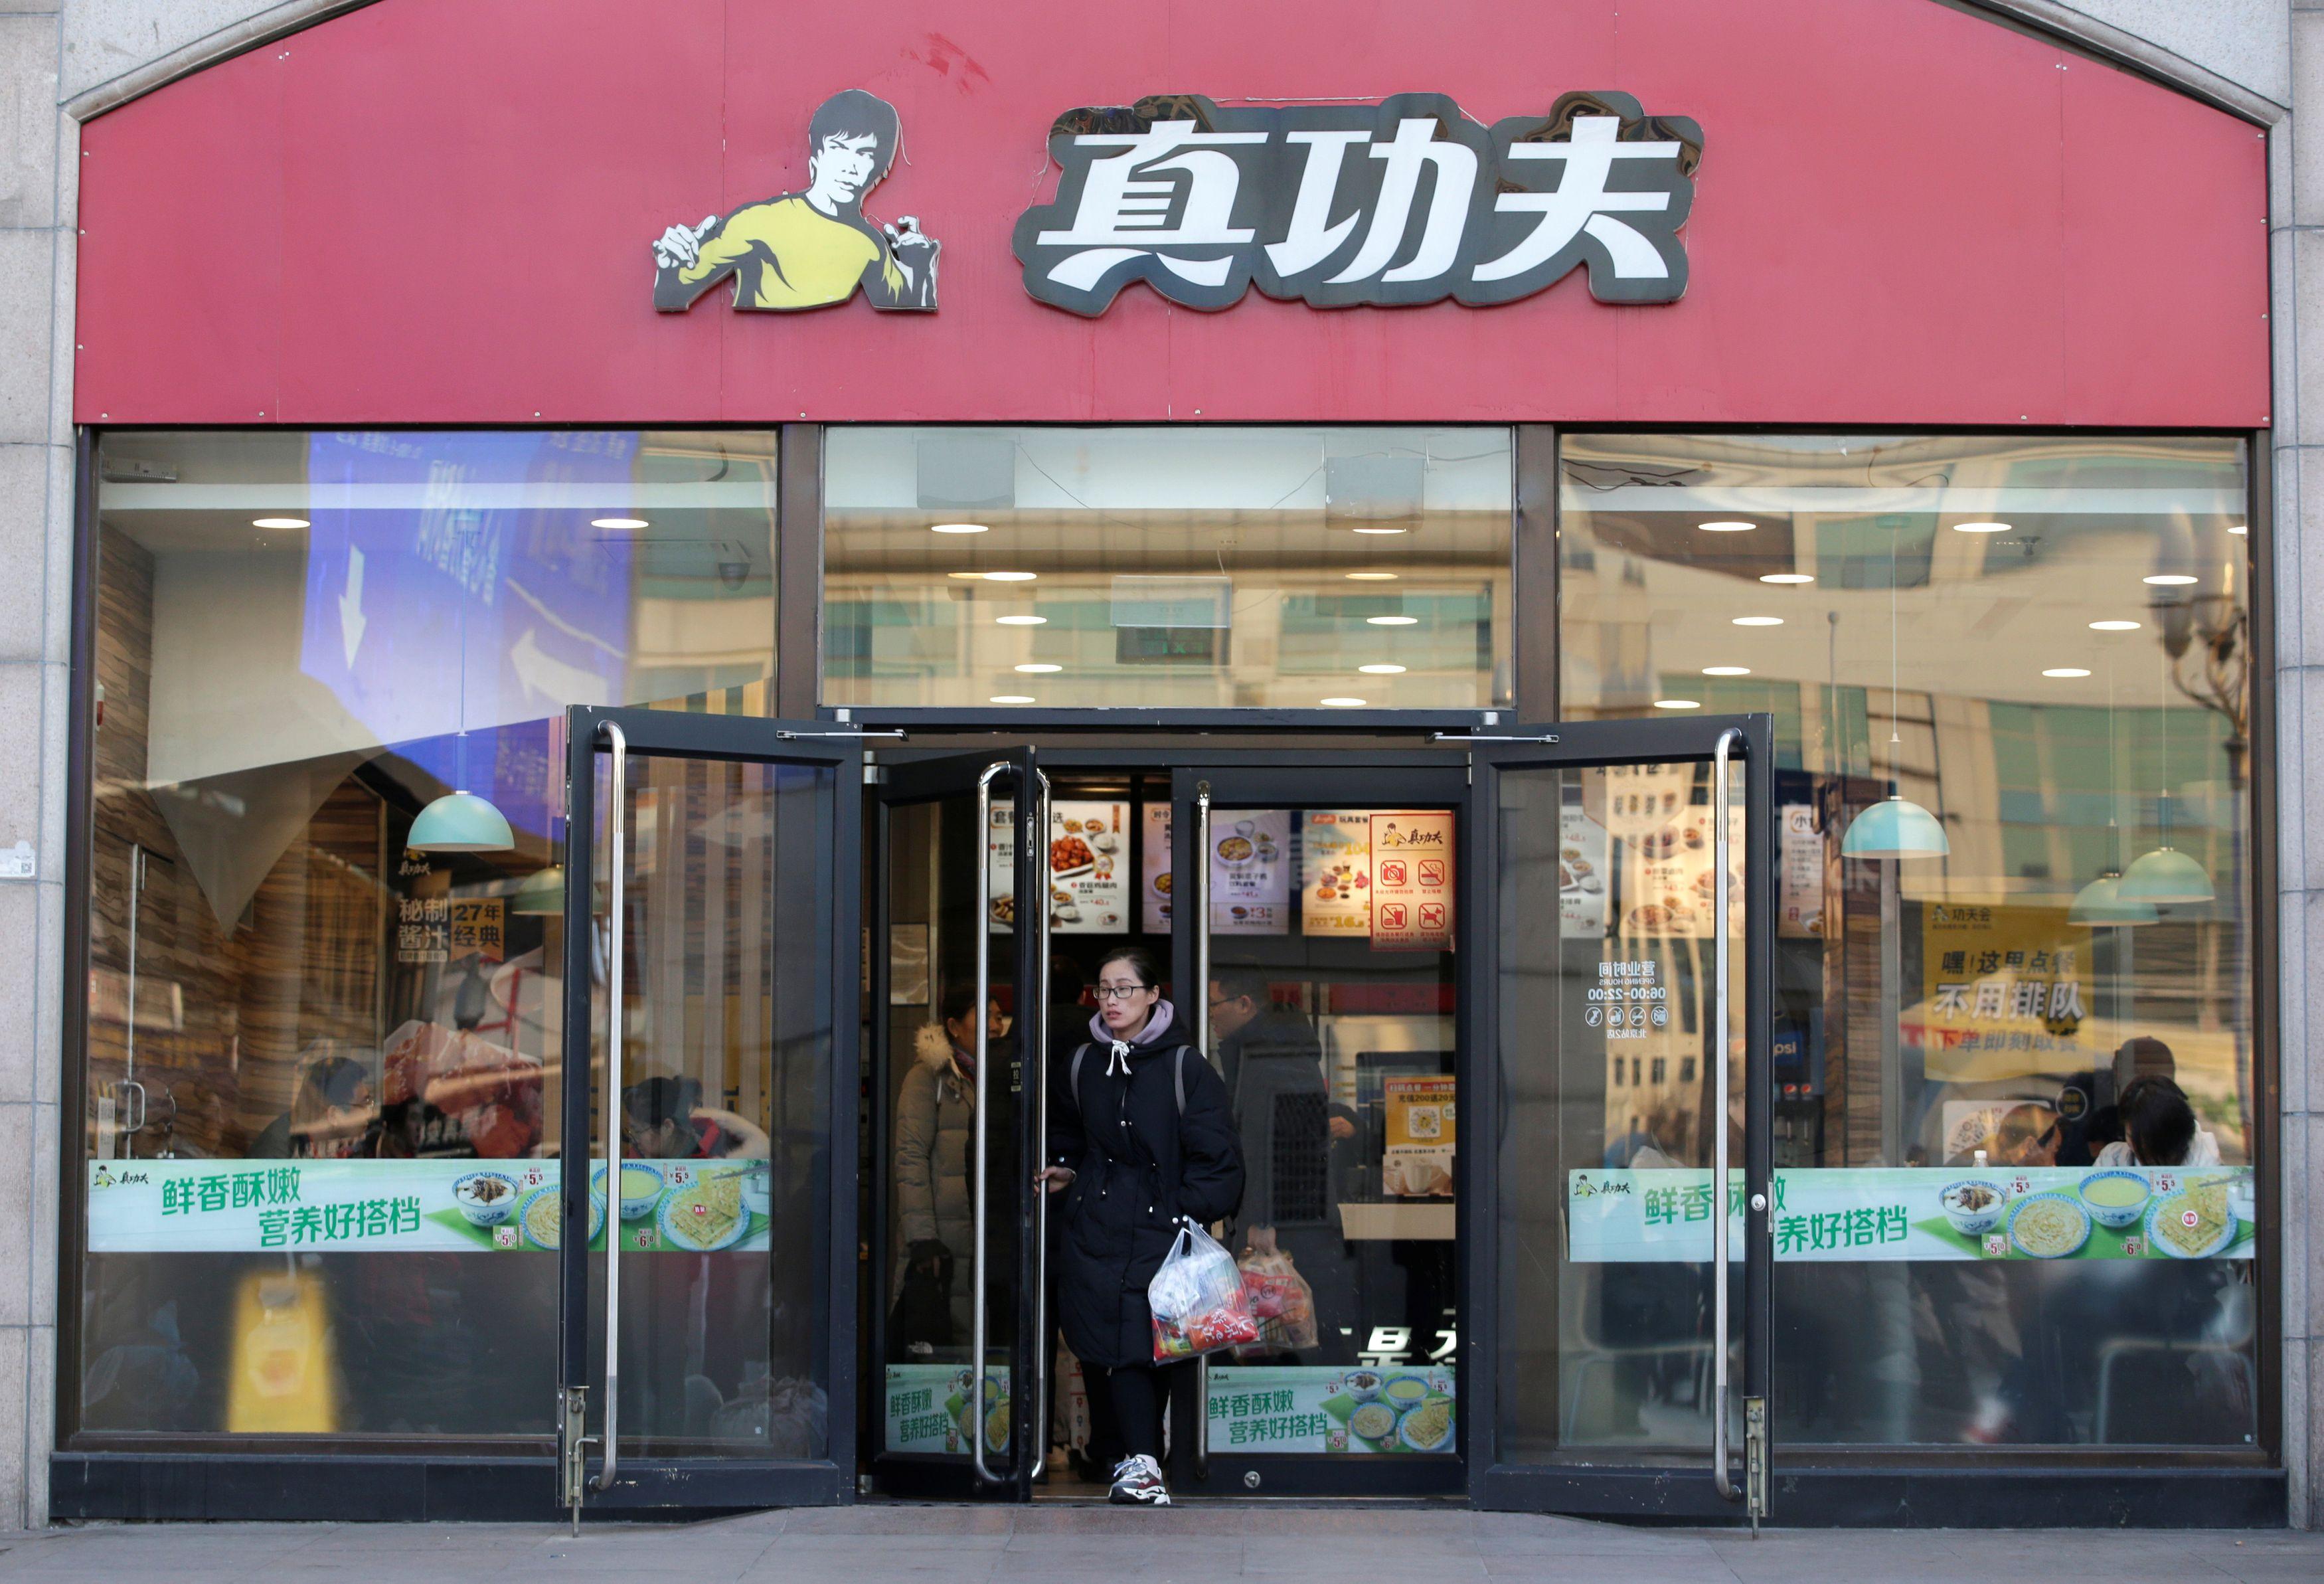 Lanac Real Kungfu u logu ima sliku Breucea Leeja / Reuters